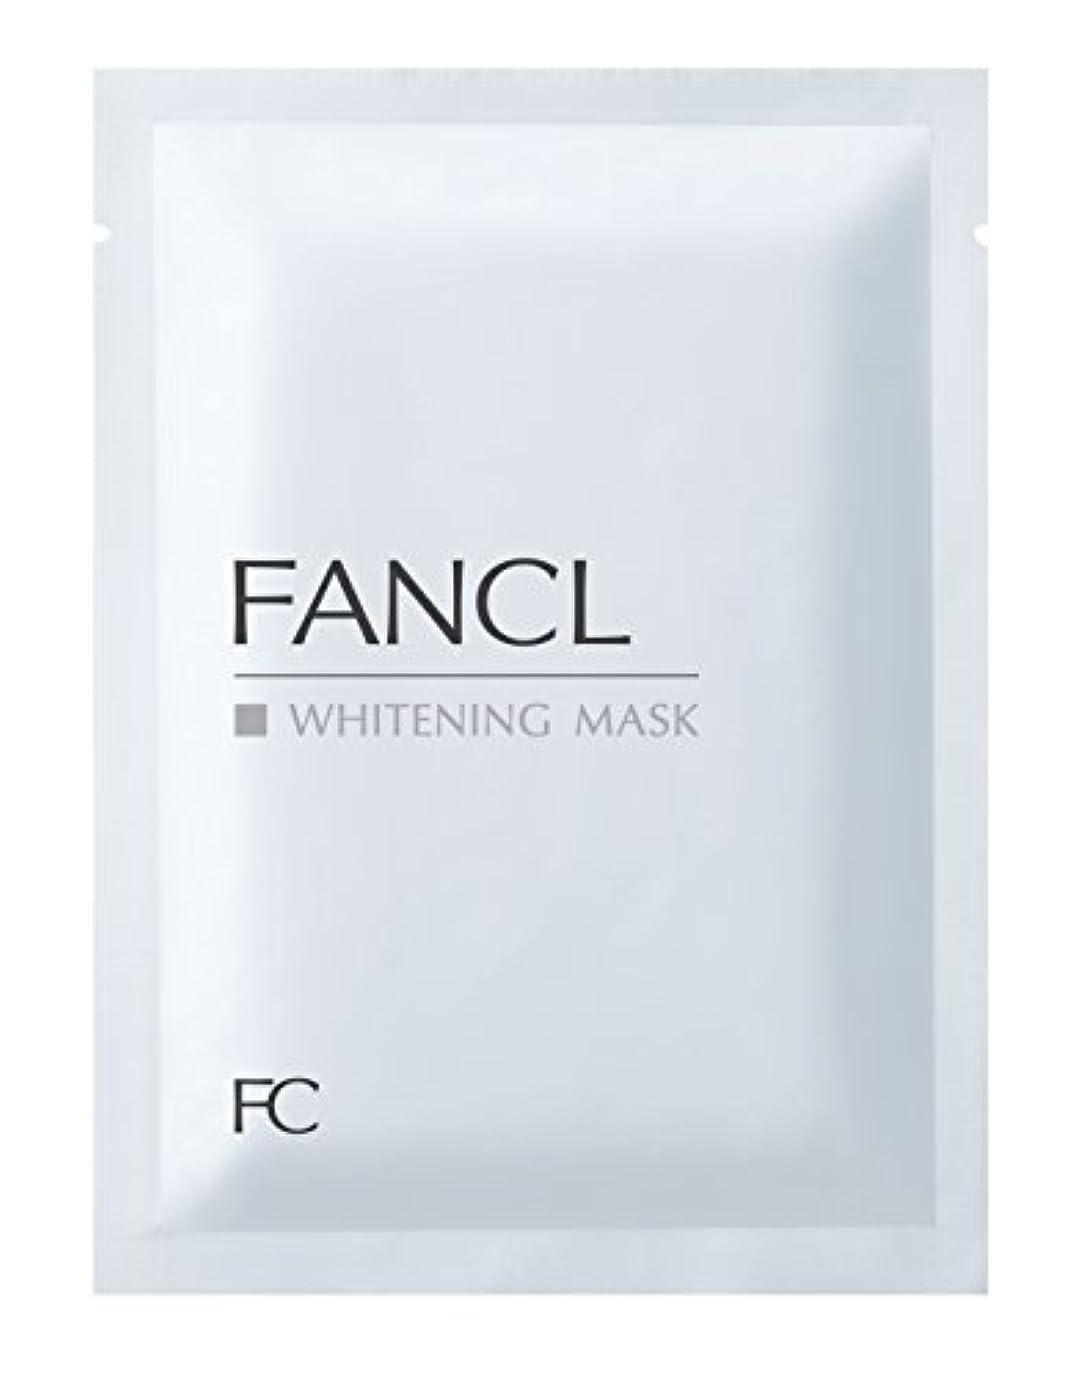 なぜカロリー精査する(旧)ファンケル(FANCL) ホワイトニング マスク<医薬部外品> 21mL×6枚